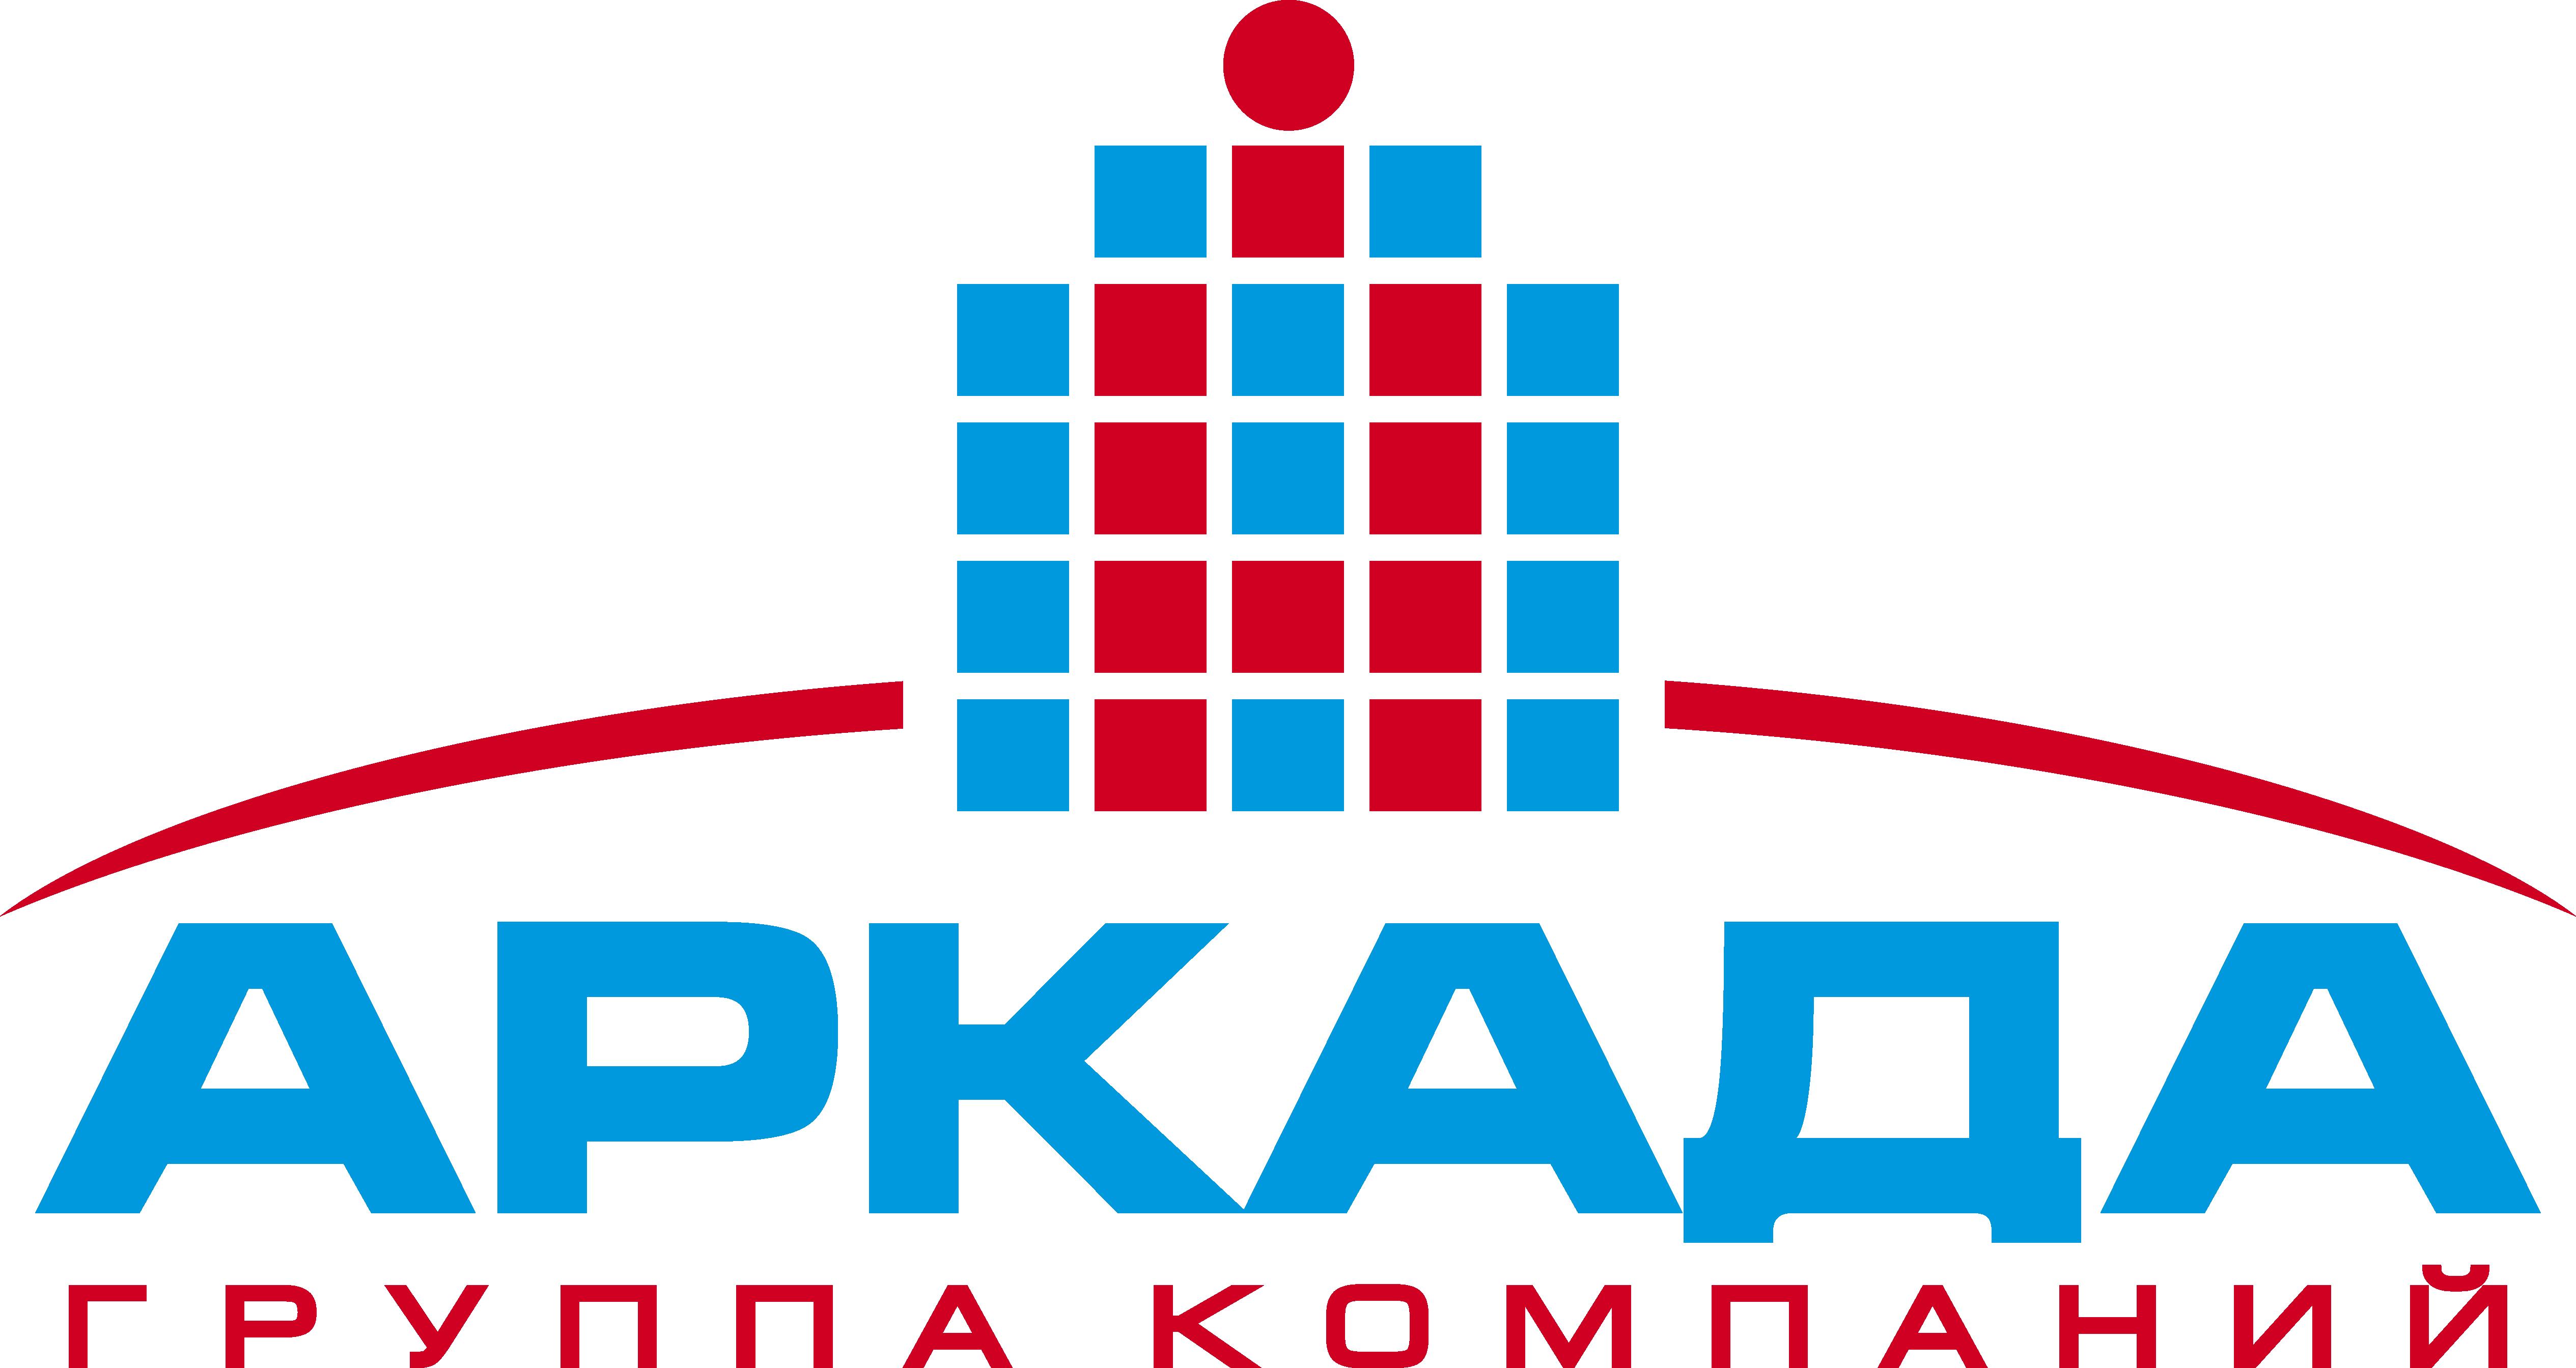 Ооо аркада строительная компания совместные закупки строительные материалы Ижевск